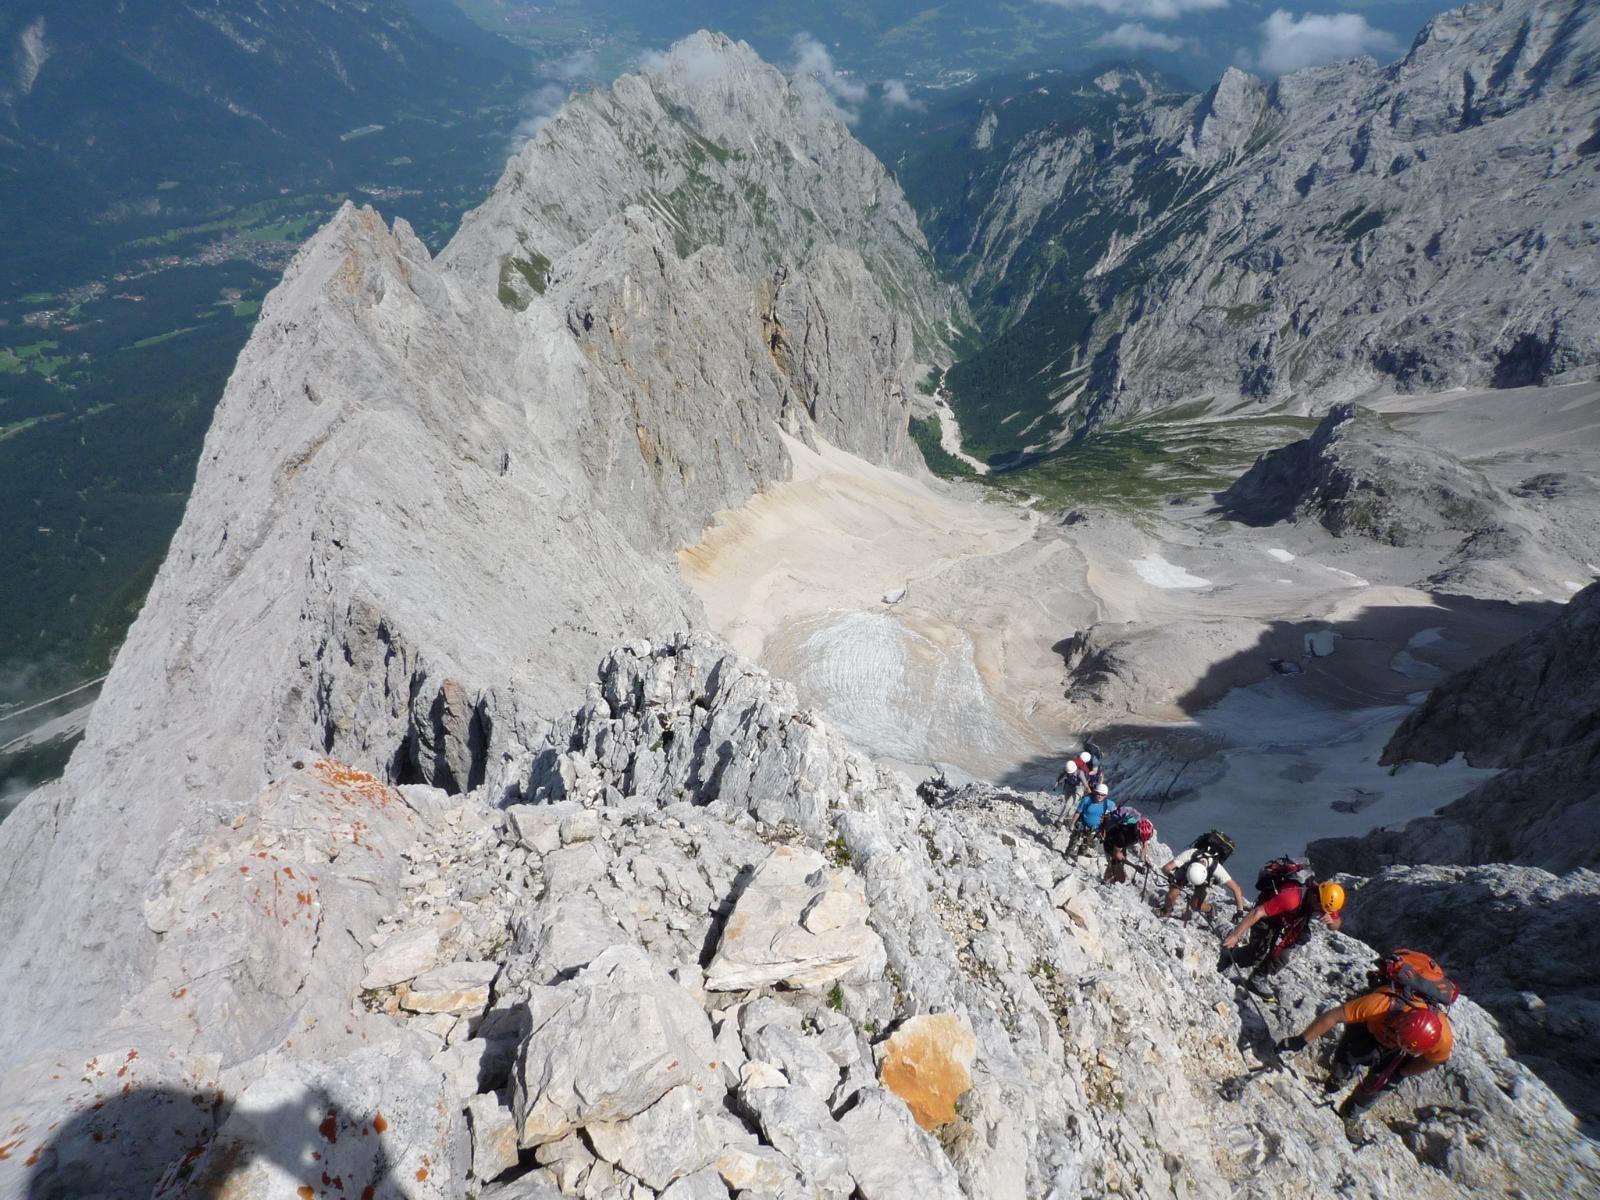 Klettersteig Bavaria : Oberstdorf in bavaria wandern hochalpiner umgebung von